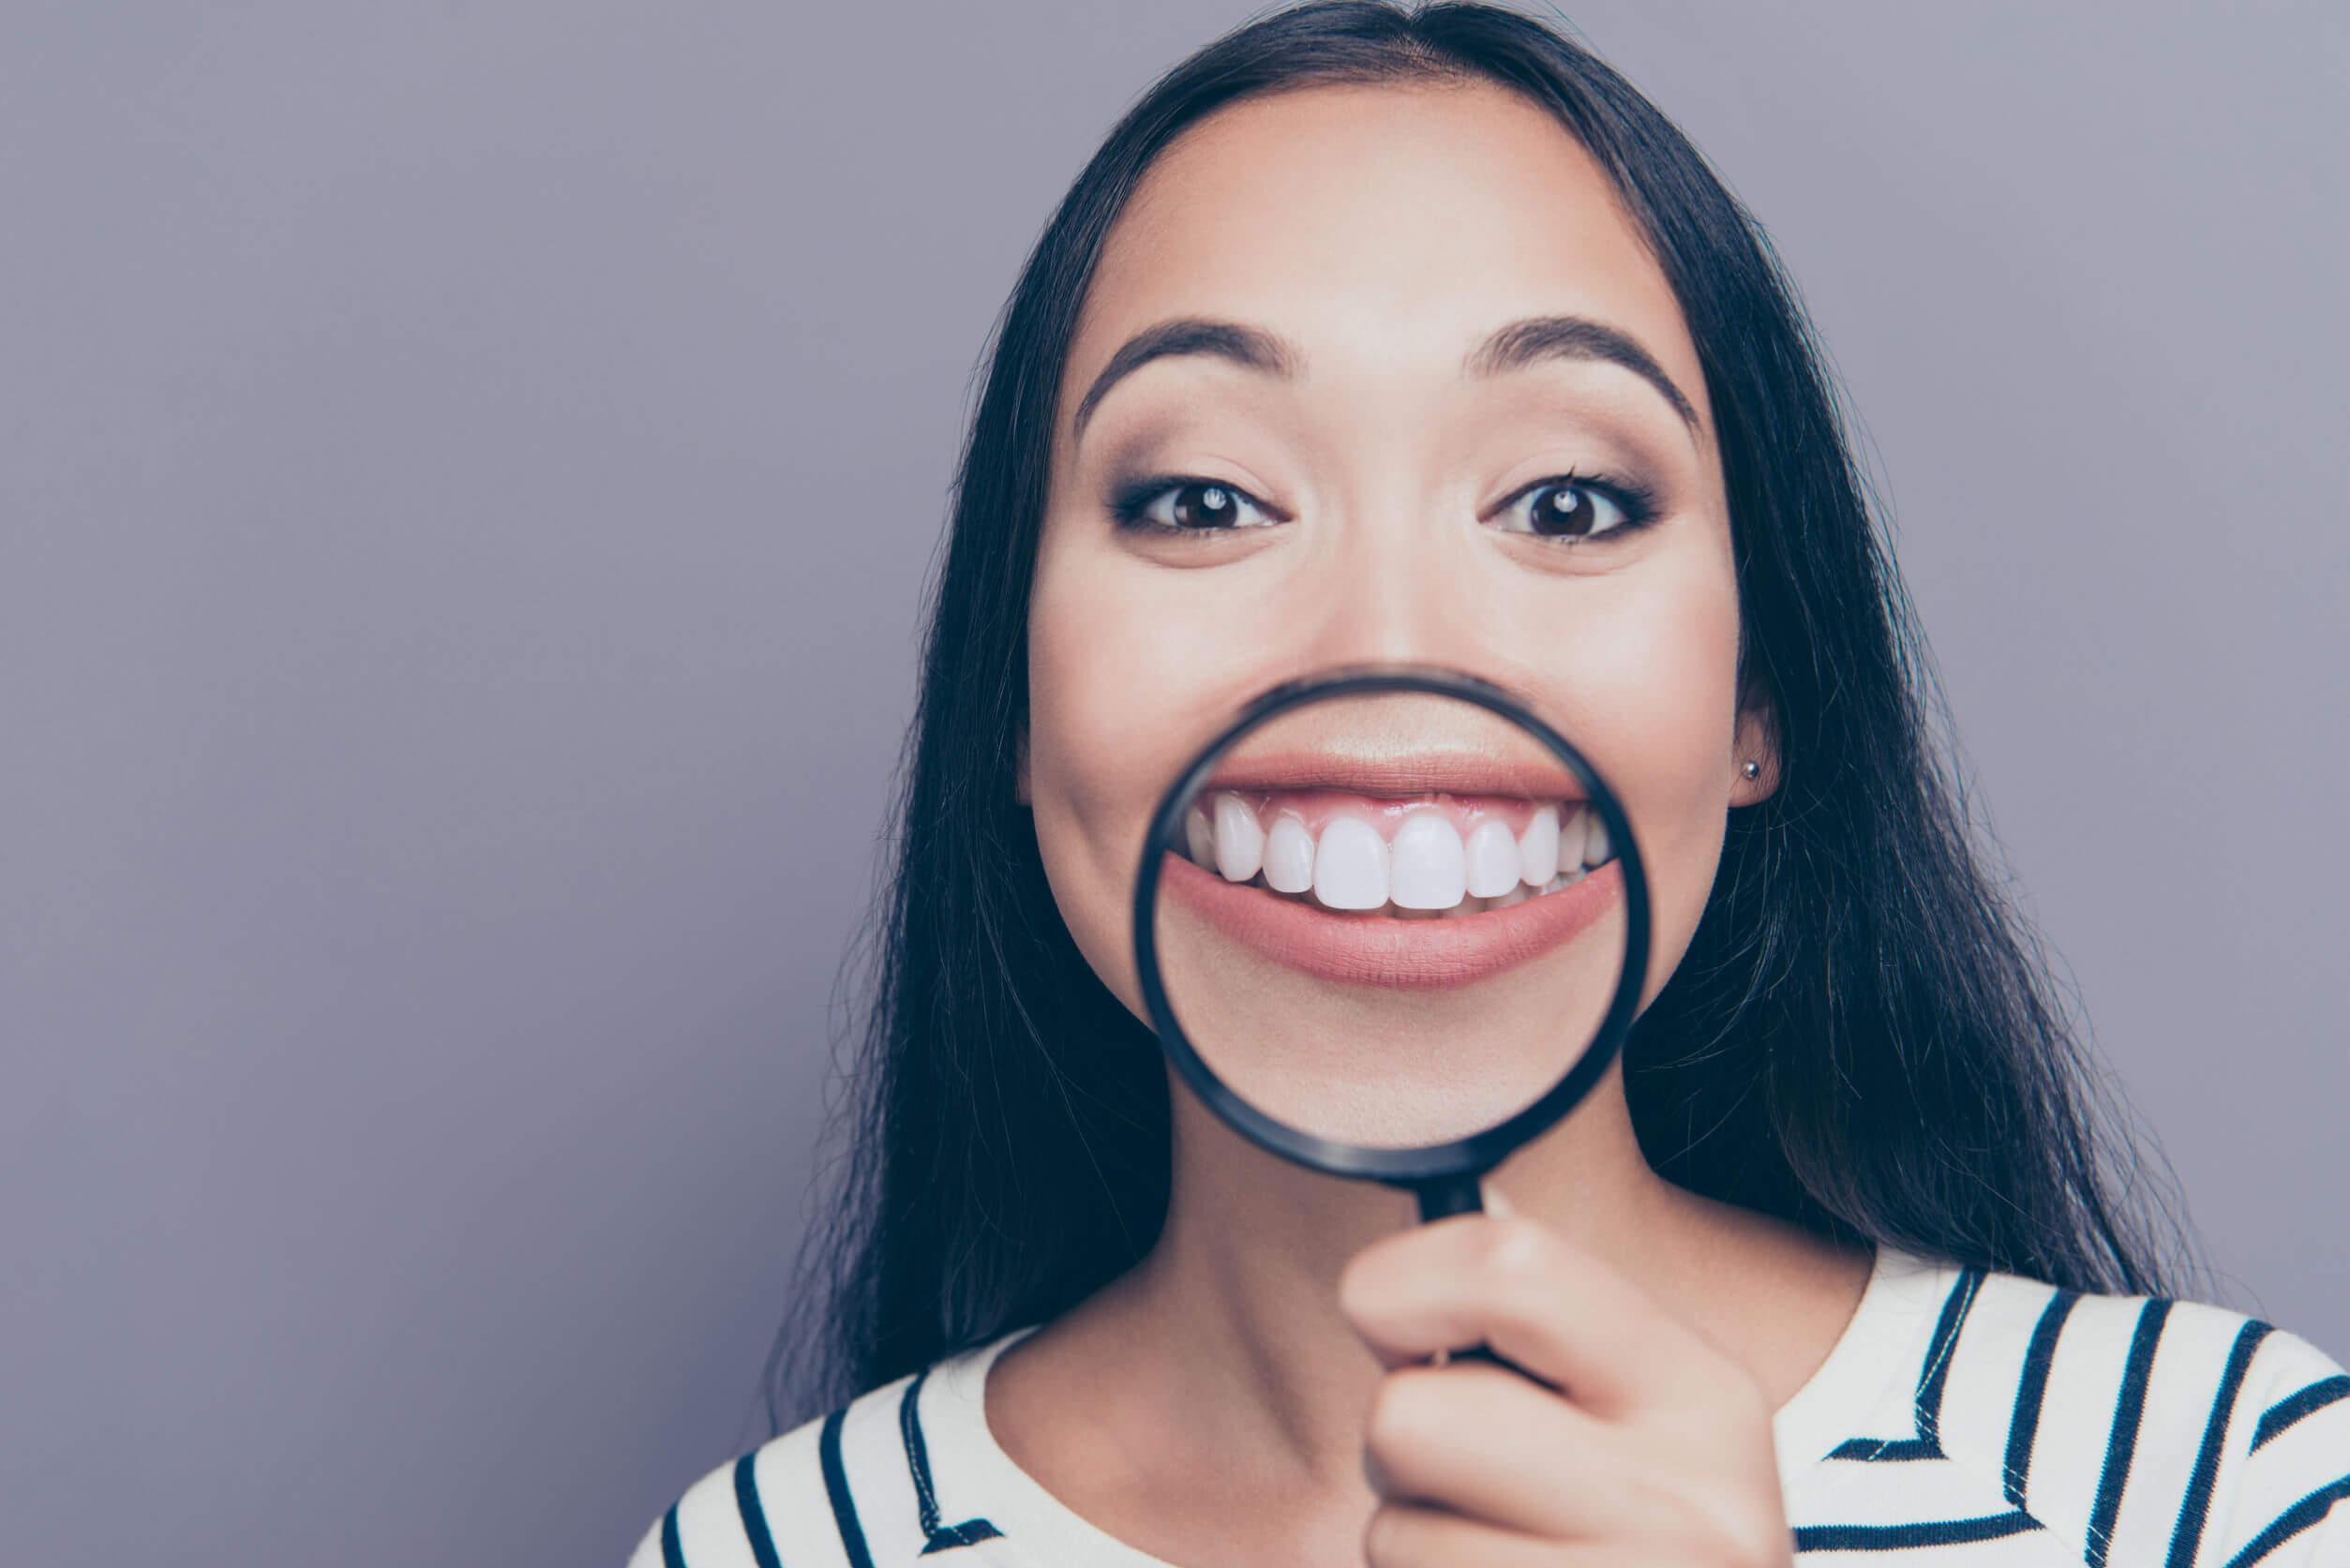 Hilft ein Neuaufbau der Eckzähne gegen Zähneknirschen?